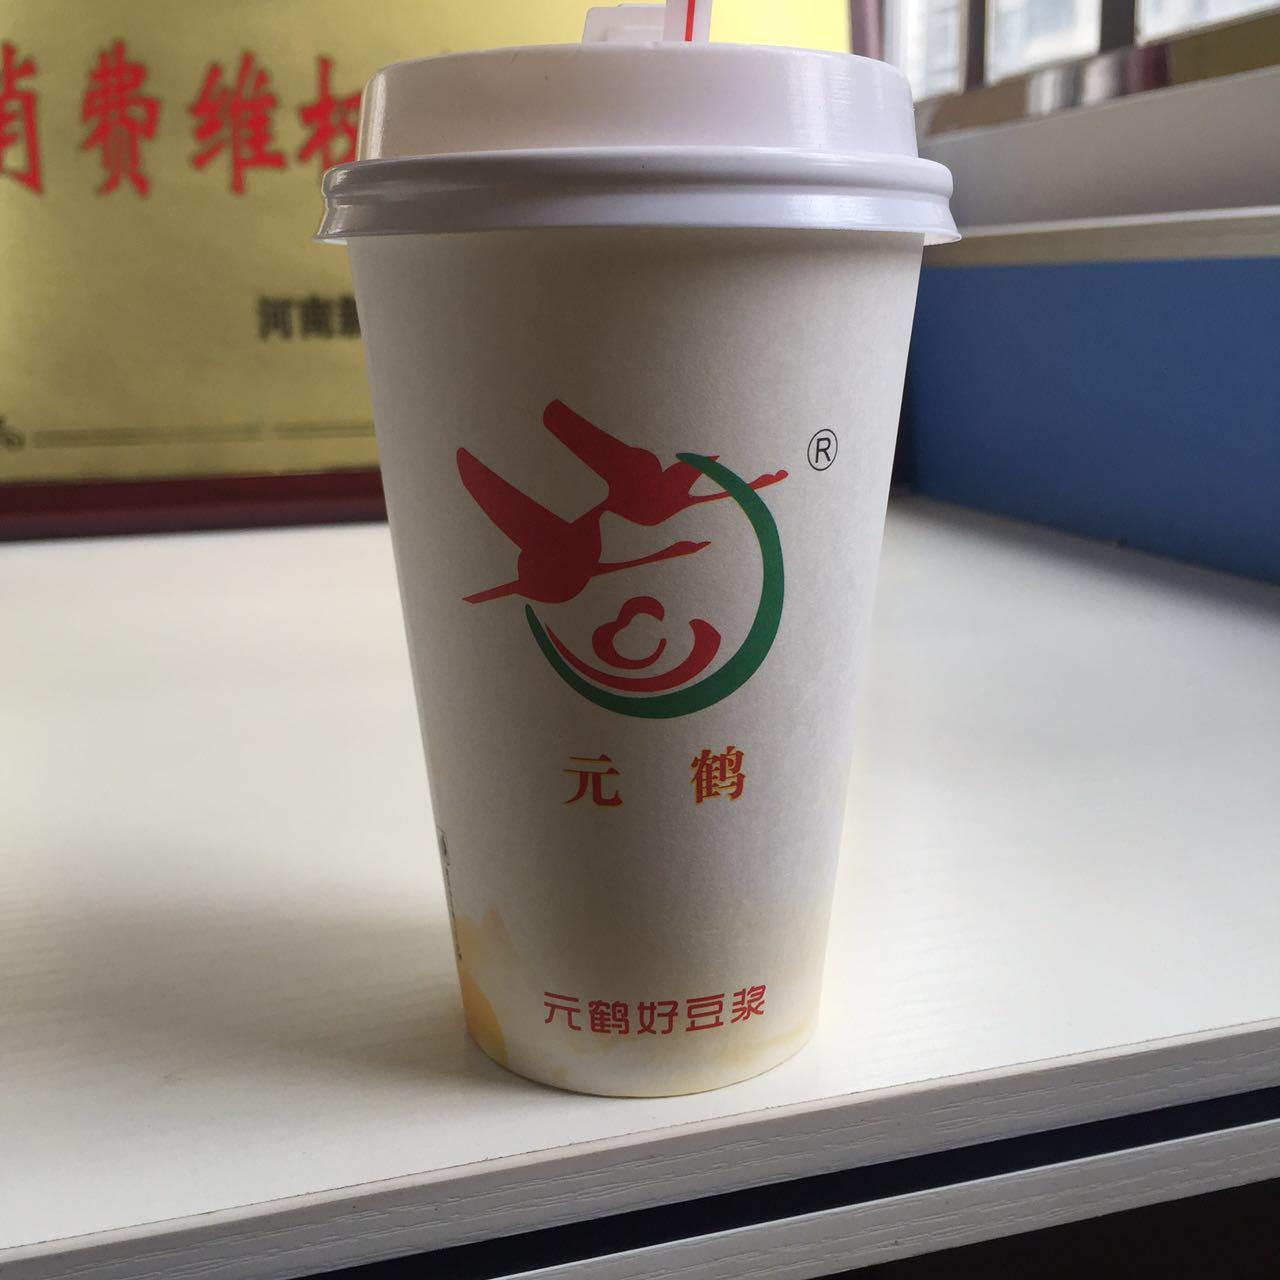 划算的餐饮豆浆粉郑州飞鹤副食品供应 新乡餐饮豆浆